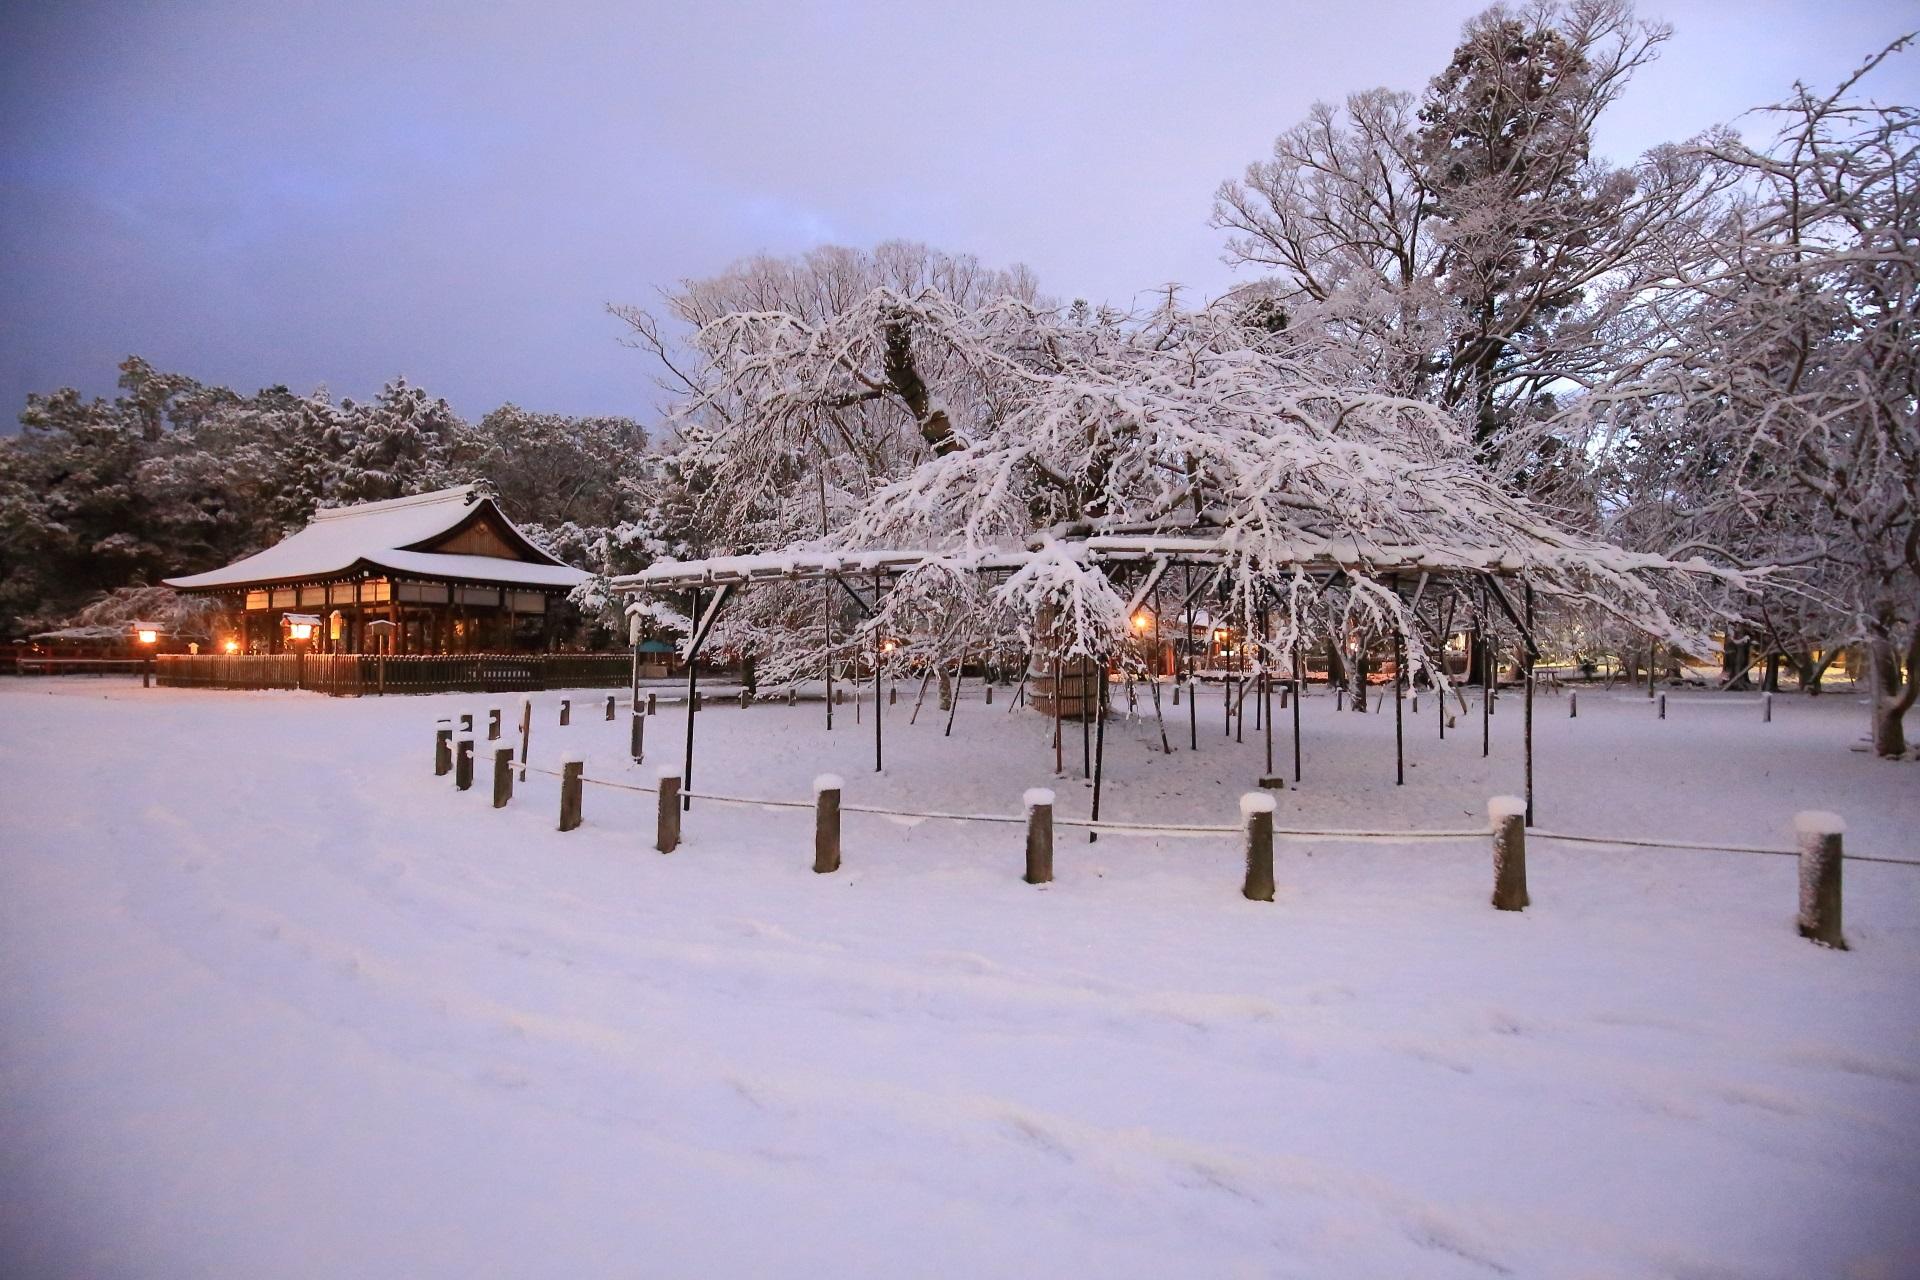 上賀茂神社の雪につつまれる枝垂れ桜と御所舎